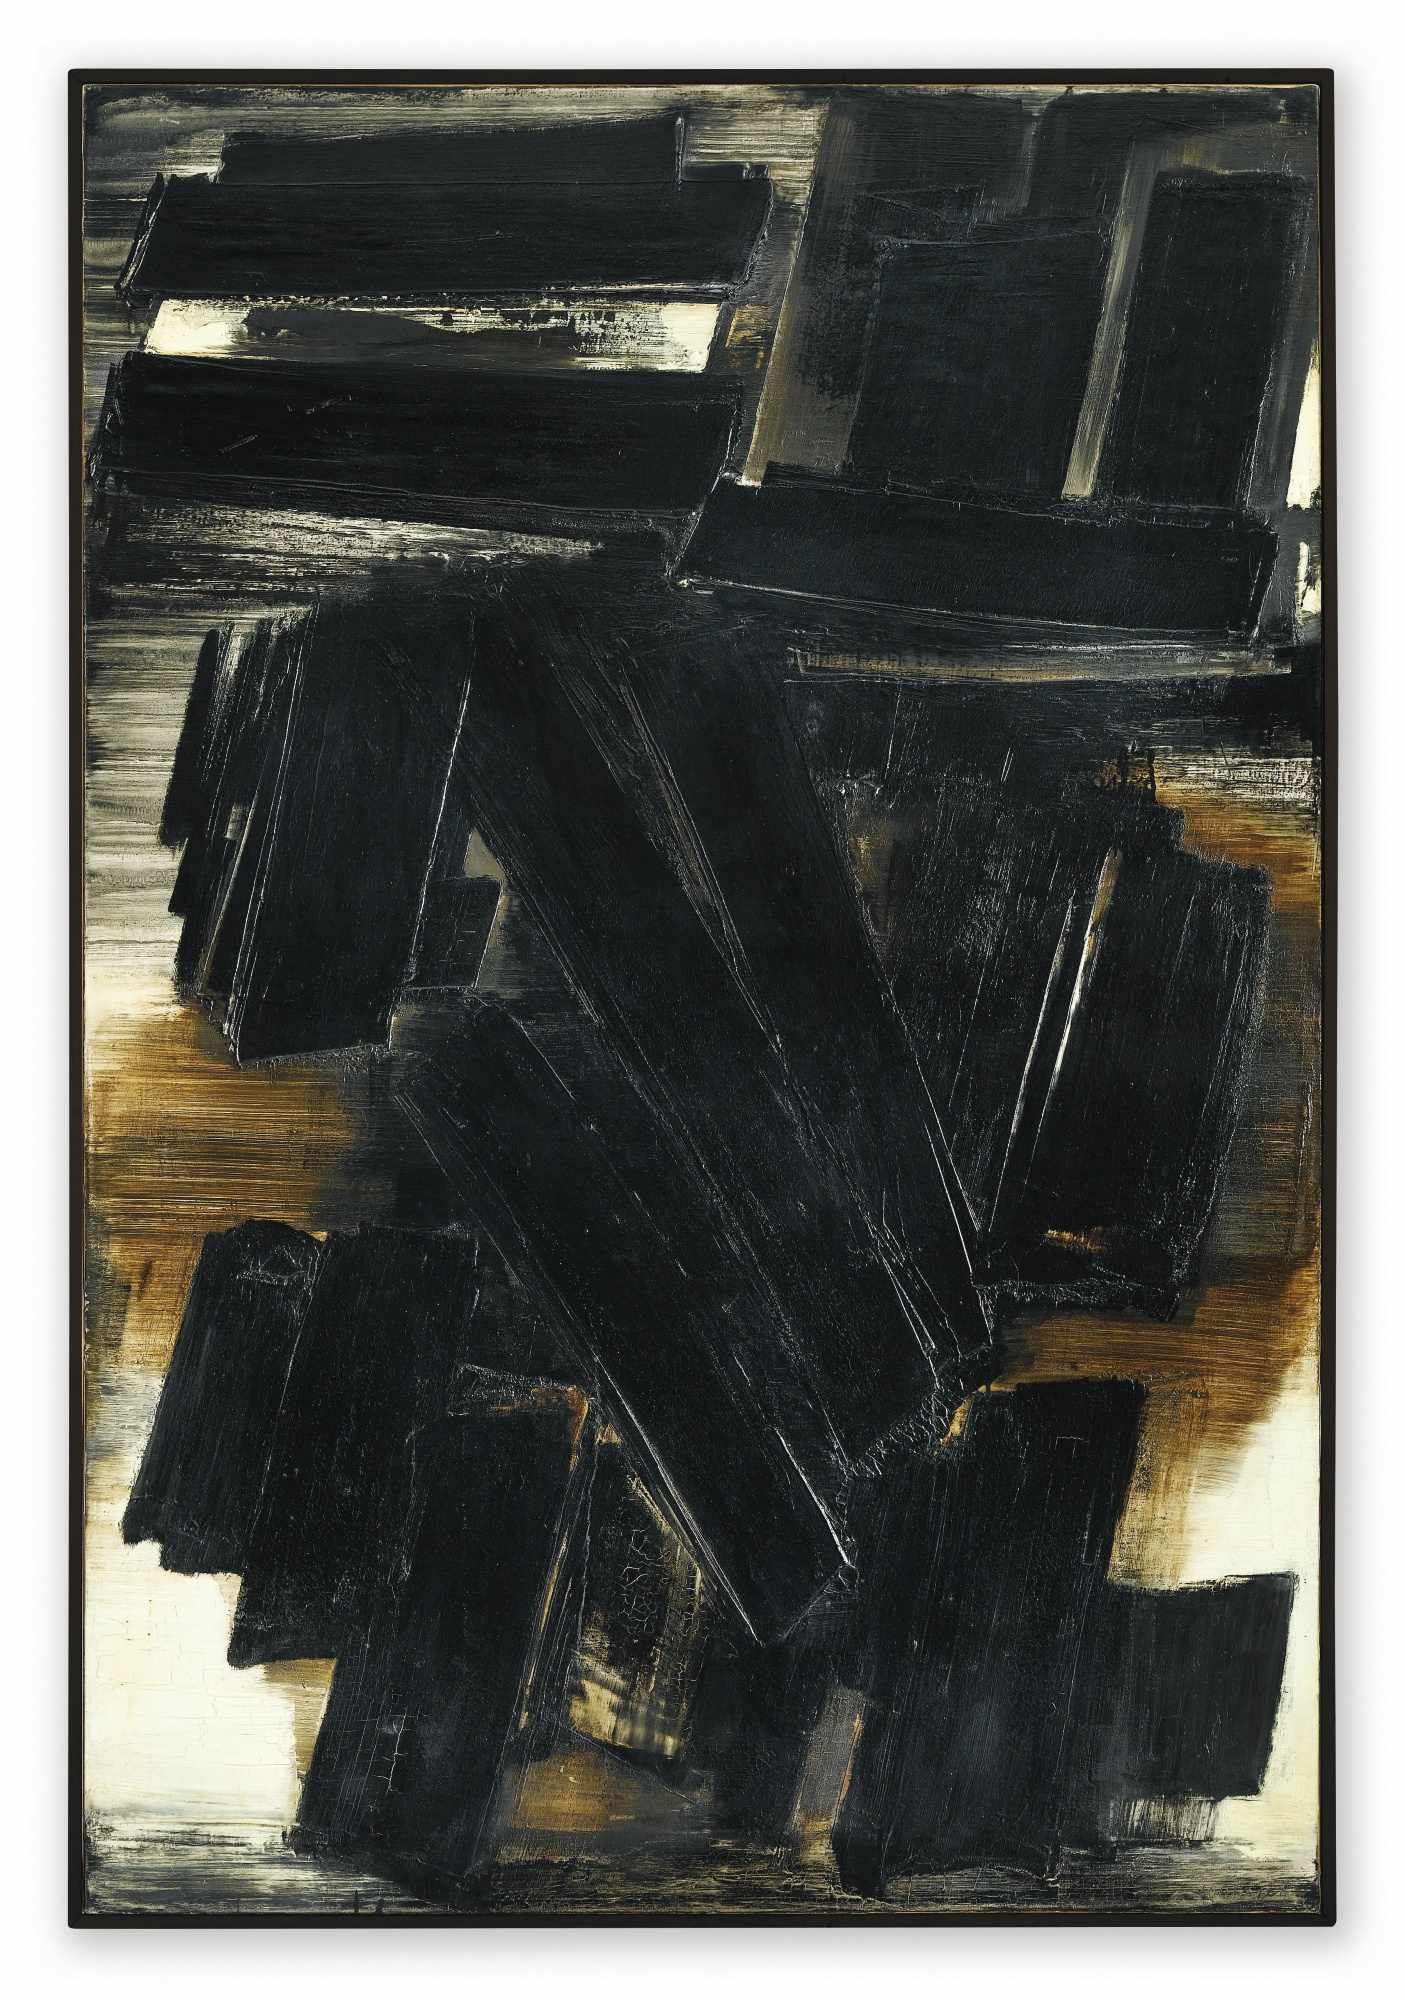 Pierre Soulages-Peinture 195 x 130 cm 7 Mars 1958-1958